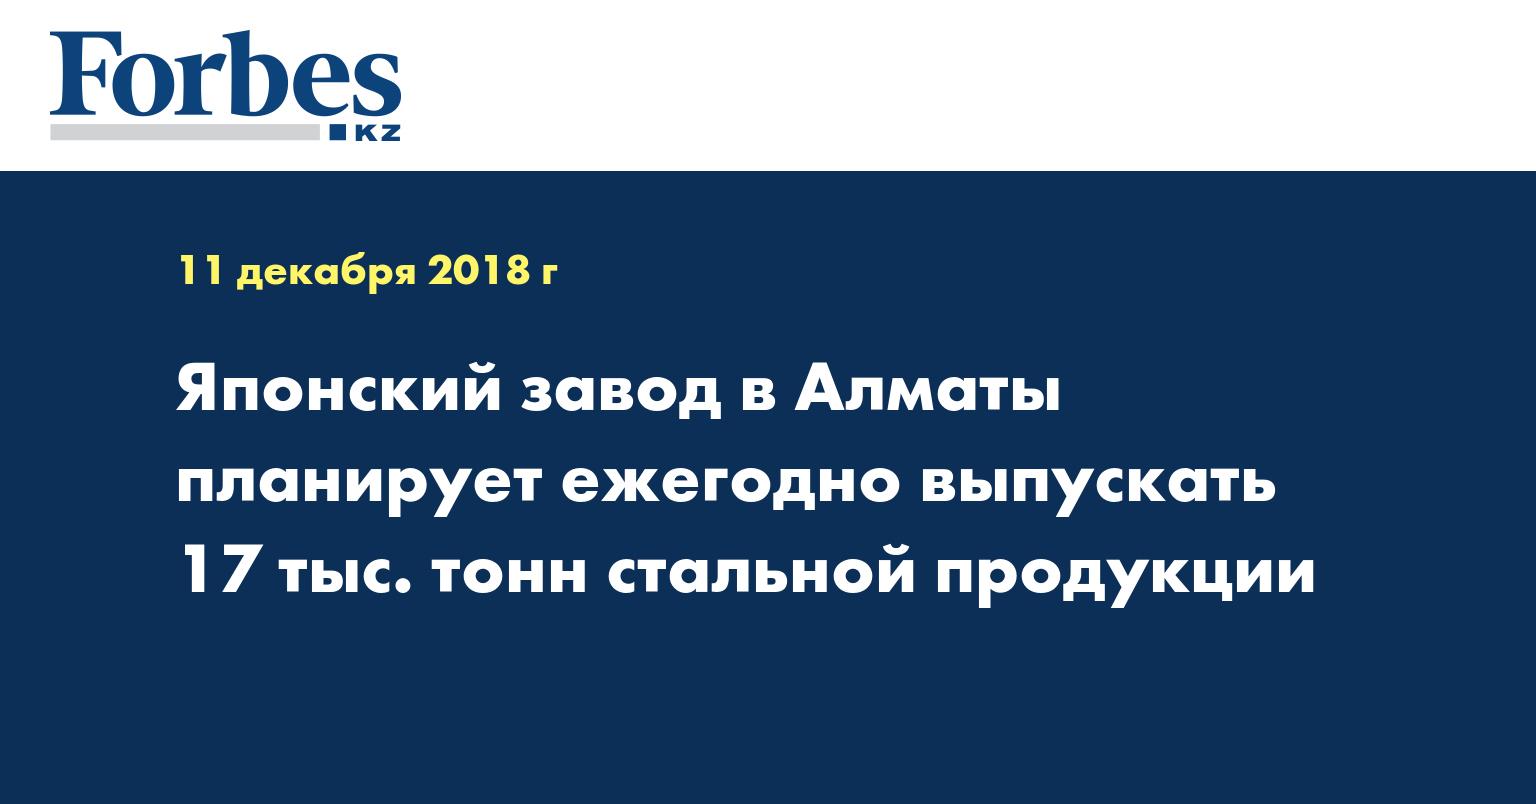 Японский завод в Алматы планирует ежегодно выпускать 17 тыс тонн стальной продукции